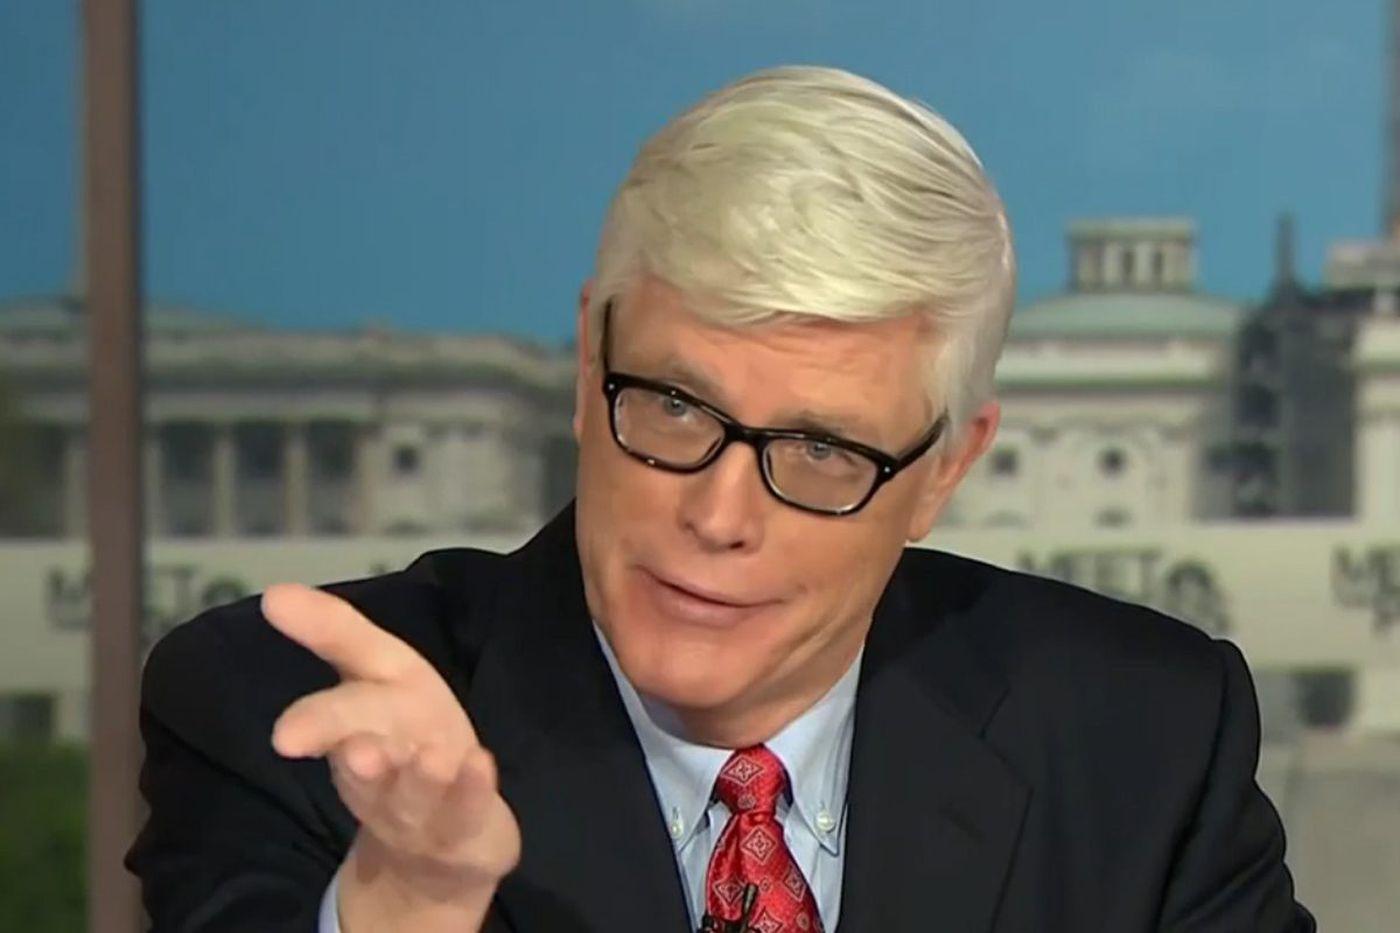 MSNBC reprimands host Hugh Hewitt over unrevealed ties with EPA leader Scott Pruitt